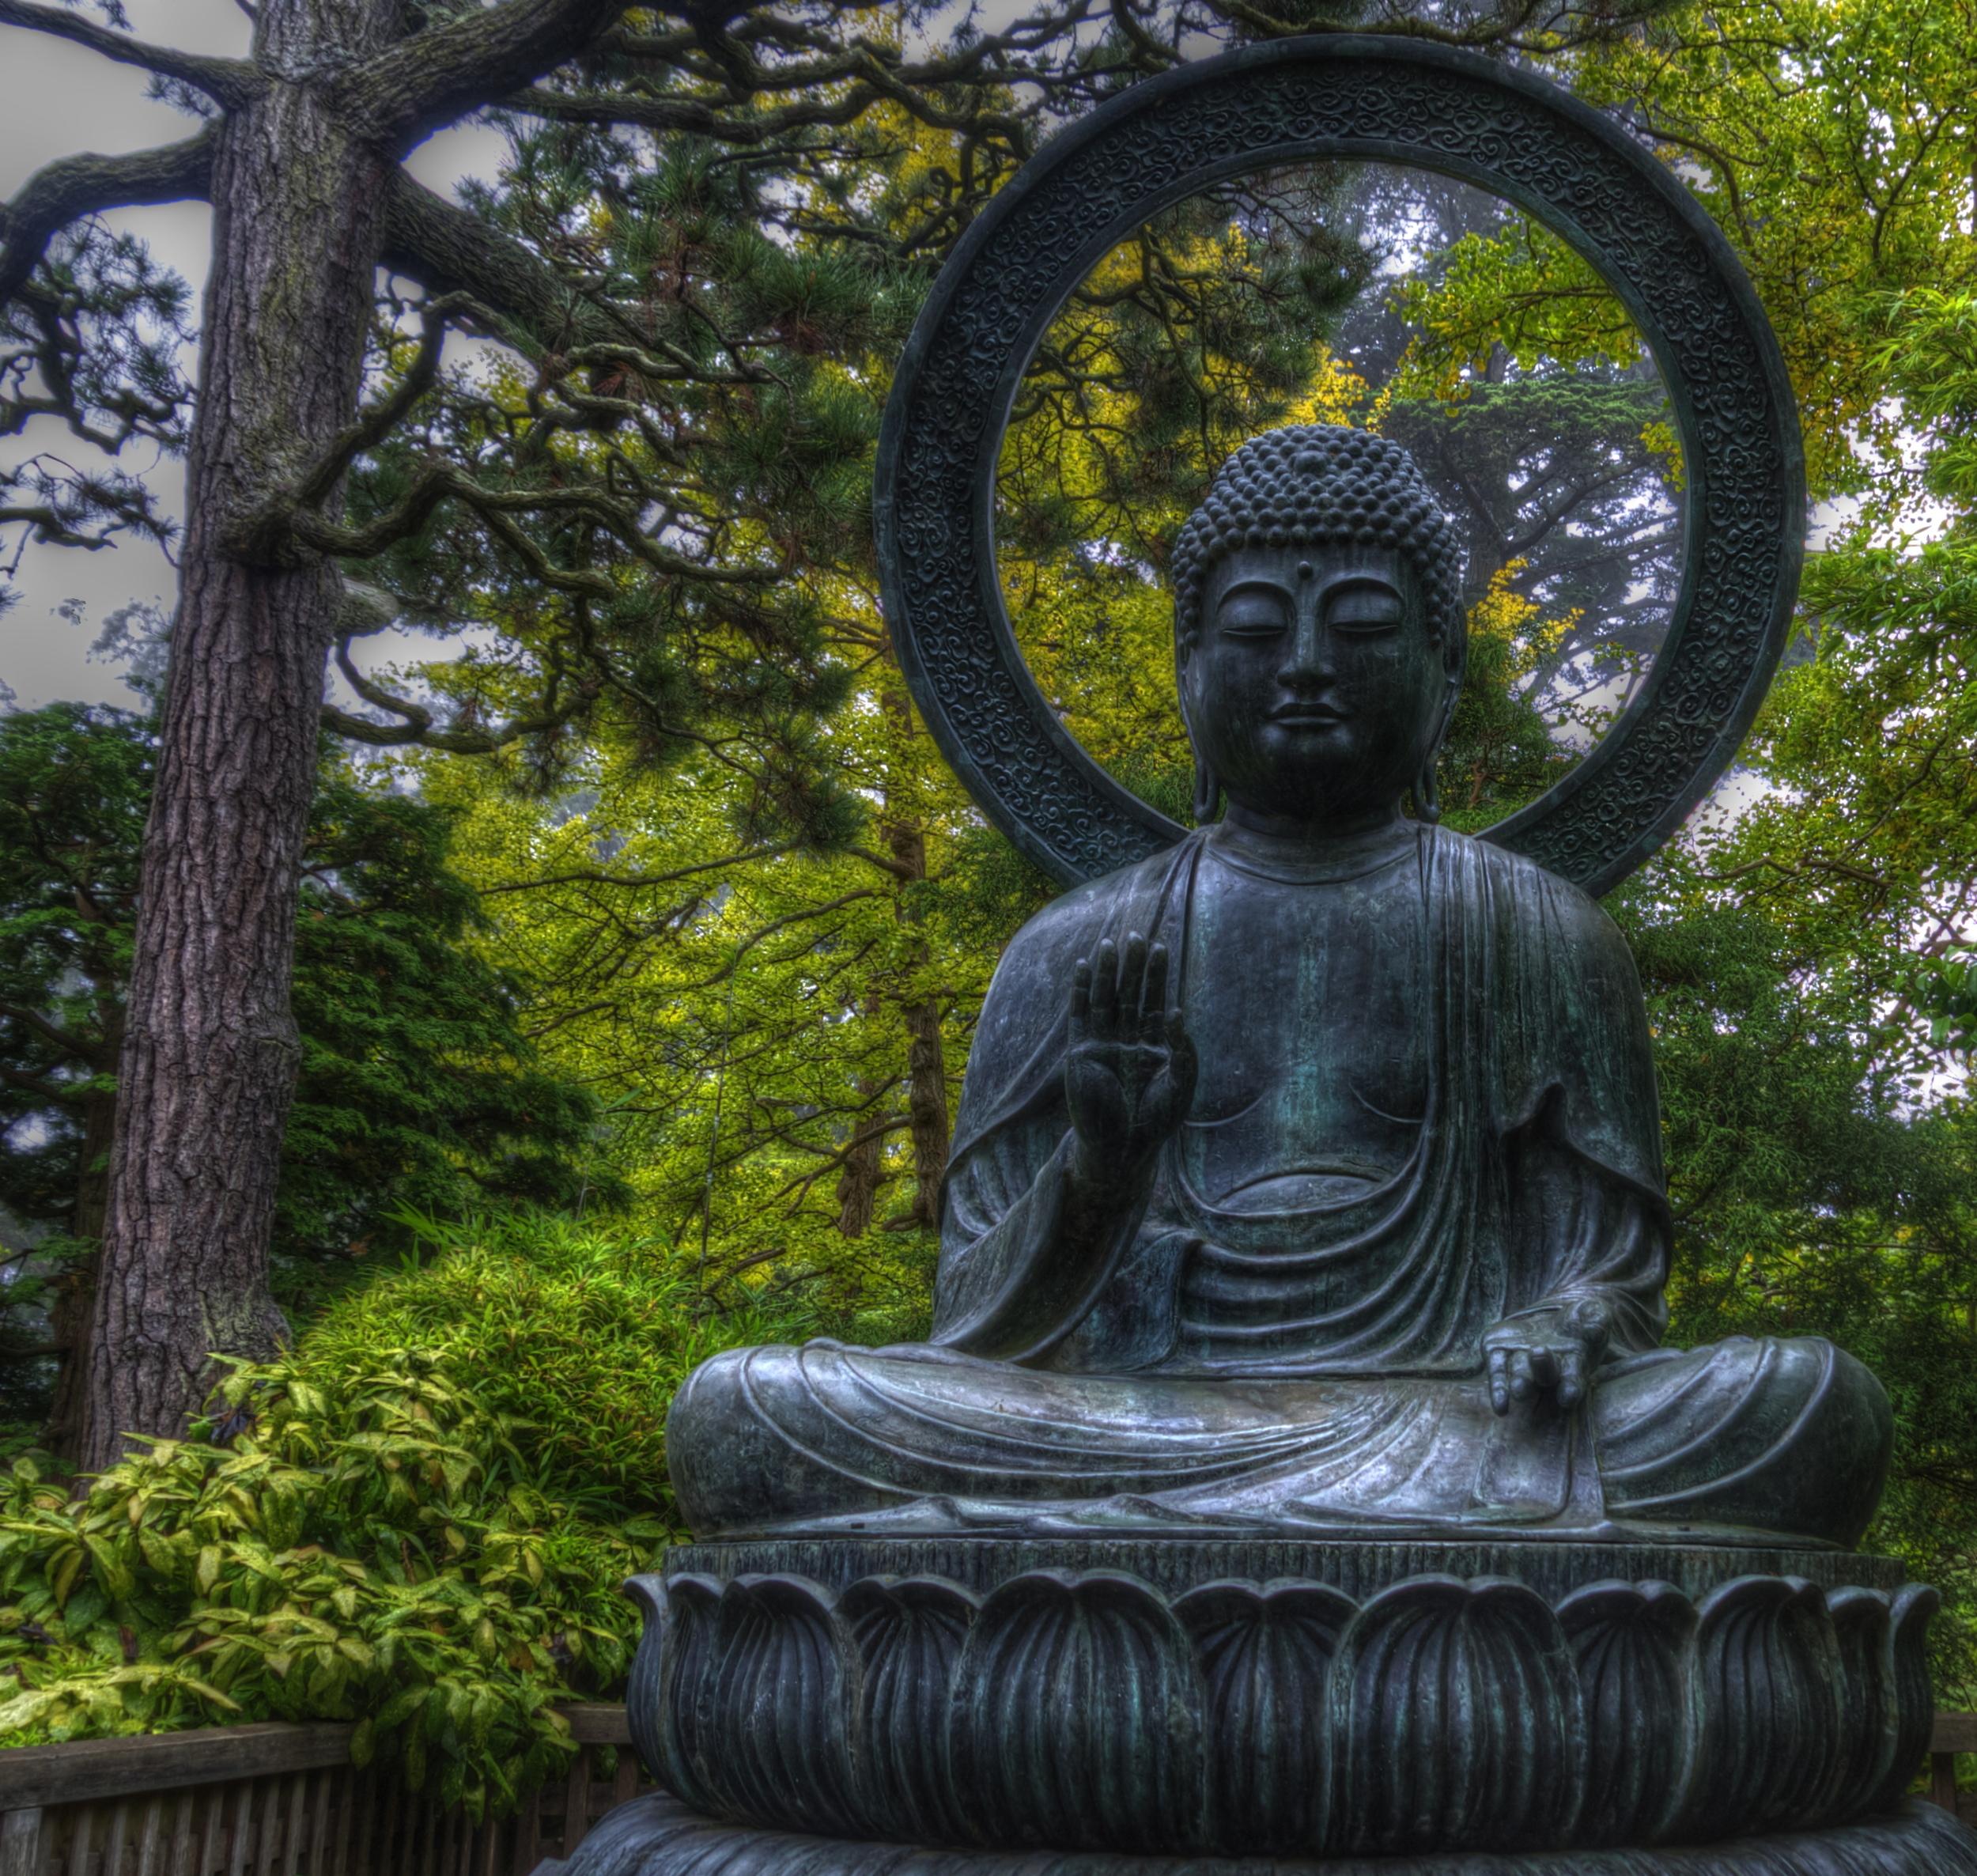 Buddha in the Japanese Tea Garden - September 2012